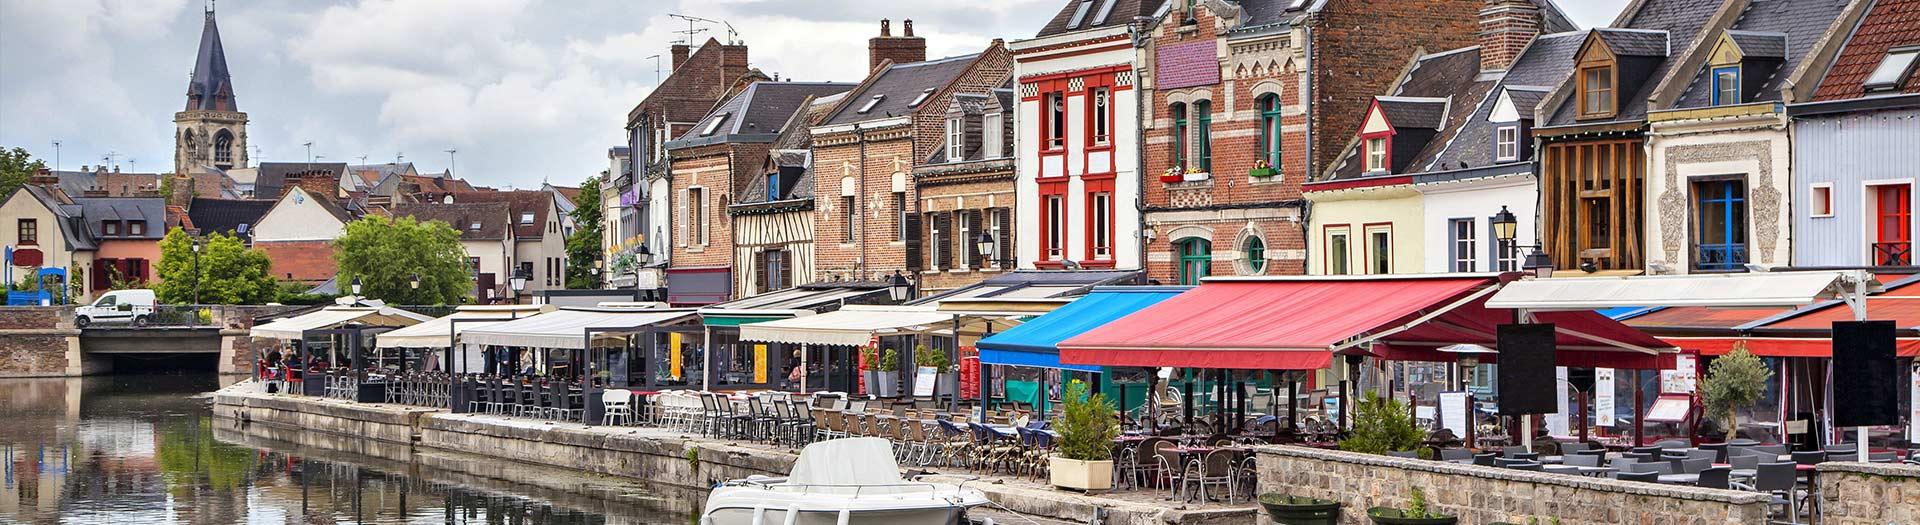 agence ortec Amiens